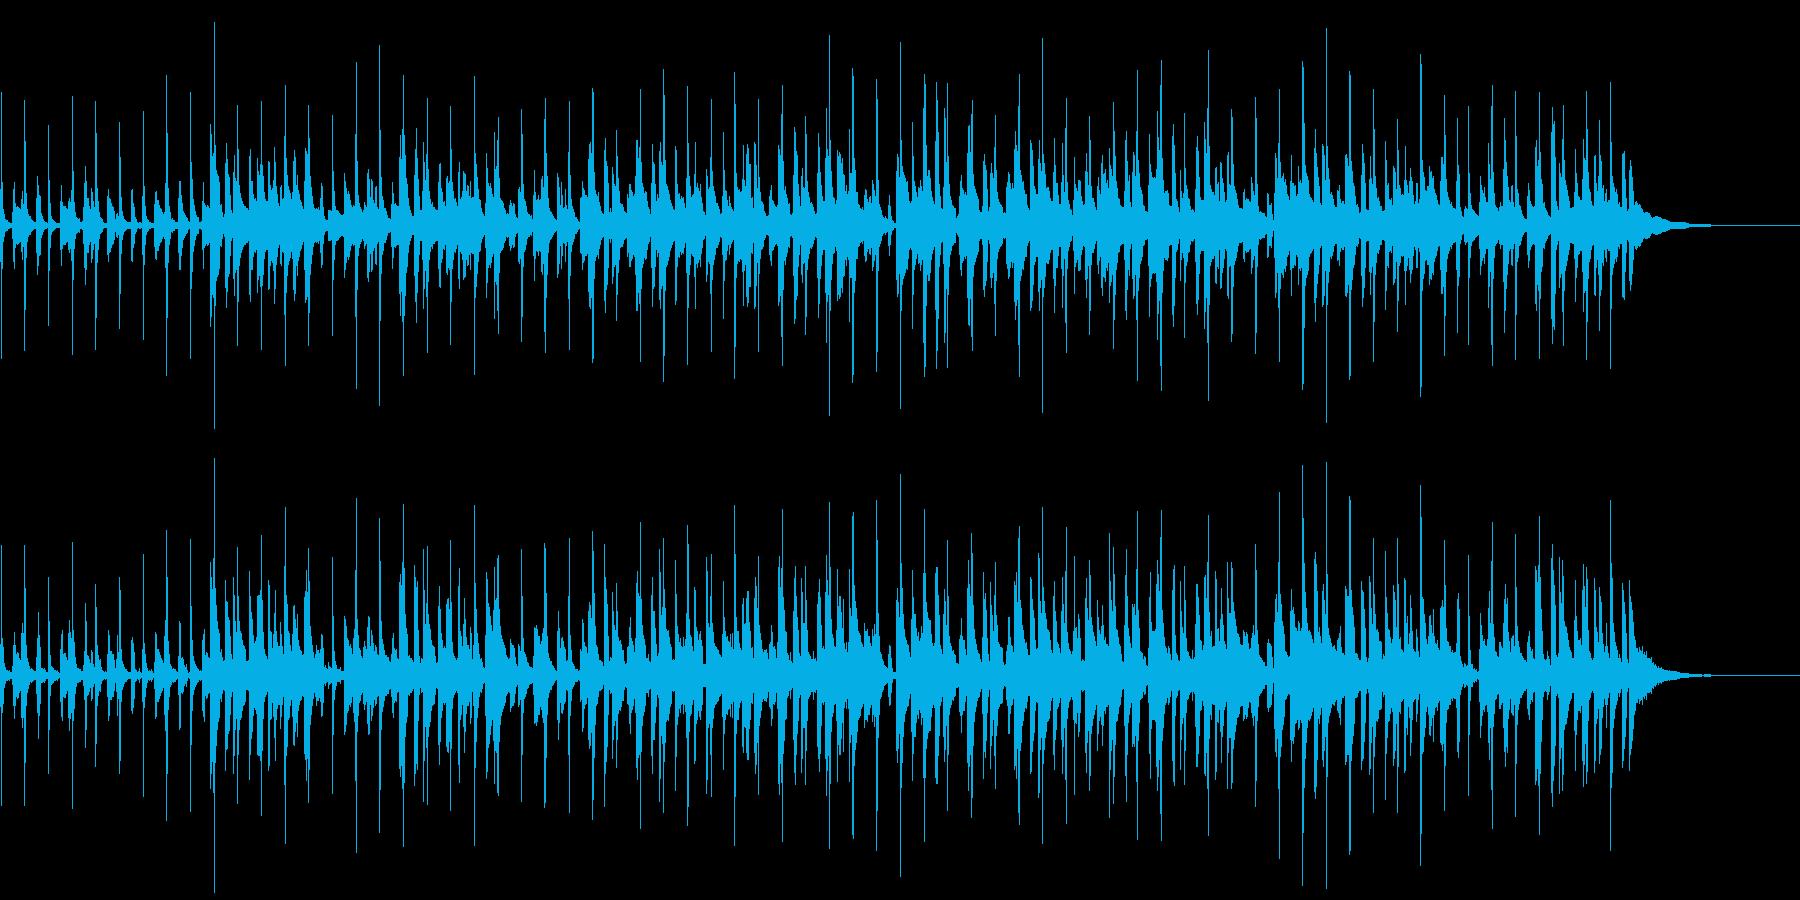 のんびりホリデイの再生済みの波形